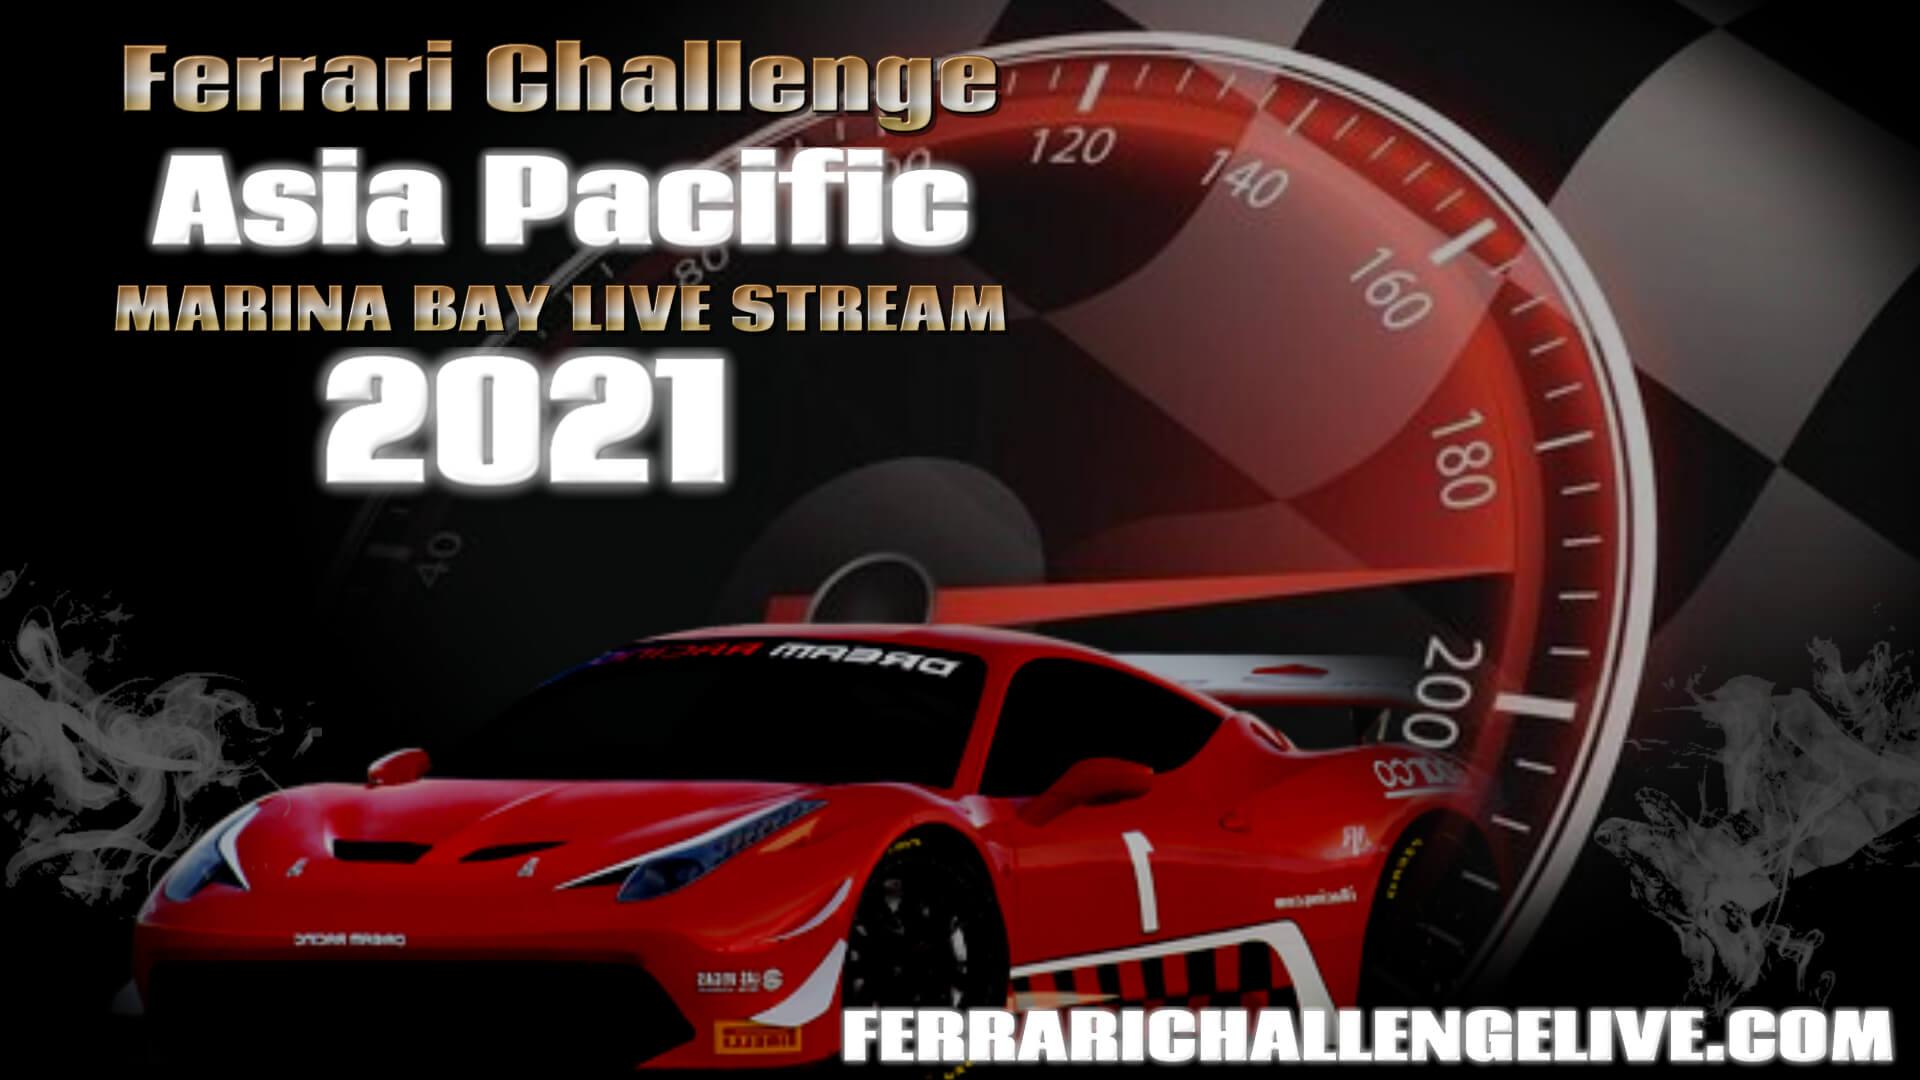 Marina Bay Live Stream 2021 | Ferrari Challenge Asia Pacific